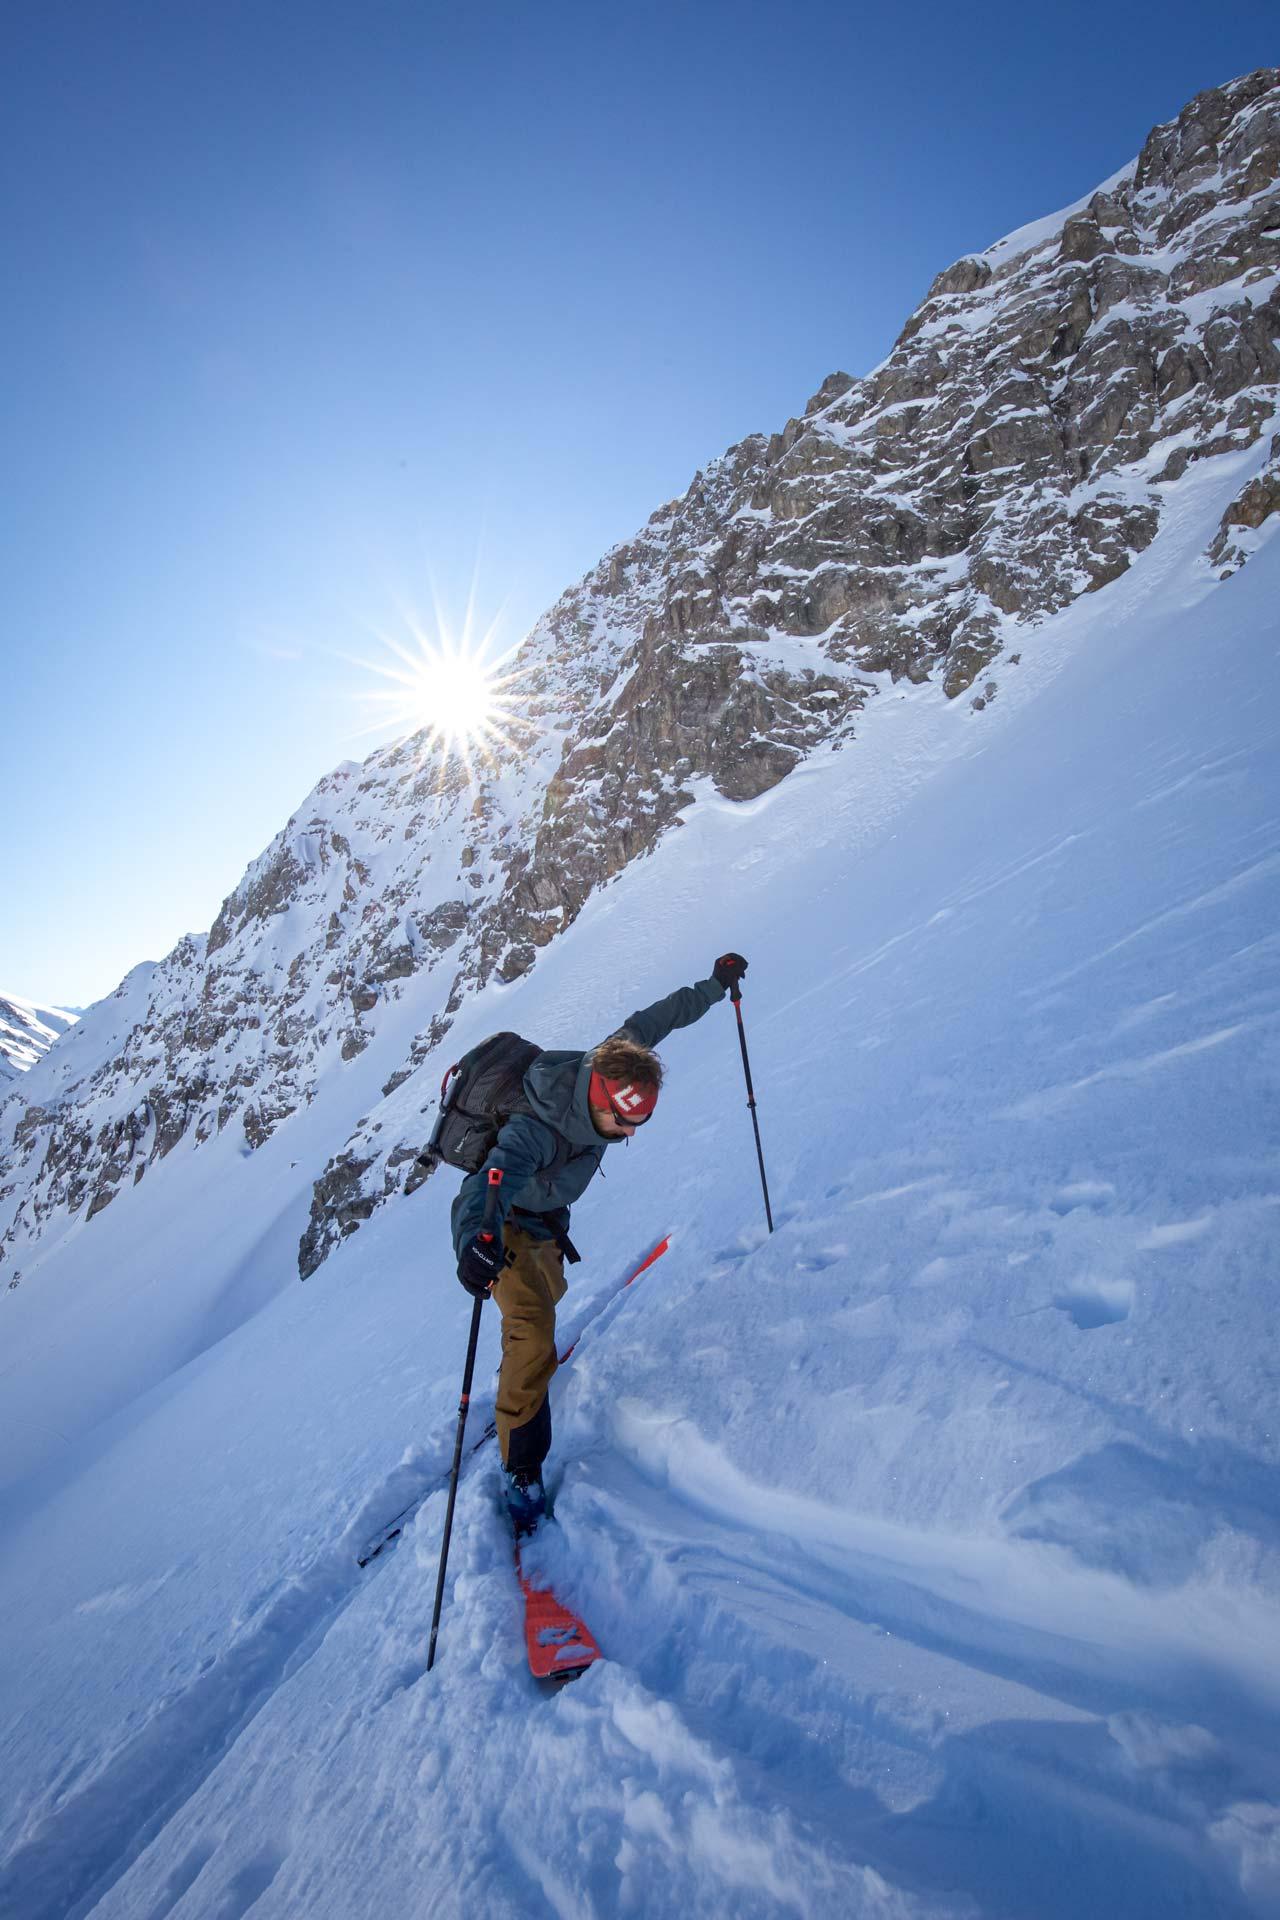 Skitouren Spitzkehren-Skitour-so klappt's mit der Spitzkehre